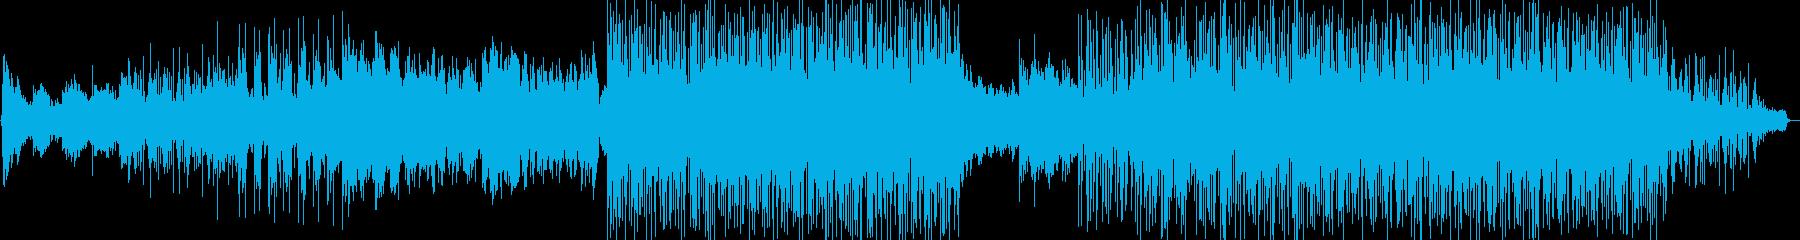 ワールド 民族 現代的 交響曲 ア...の再生済みの波形